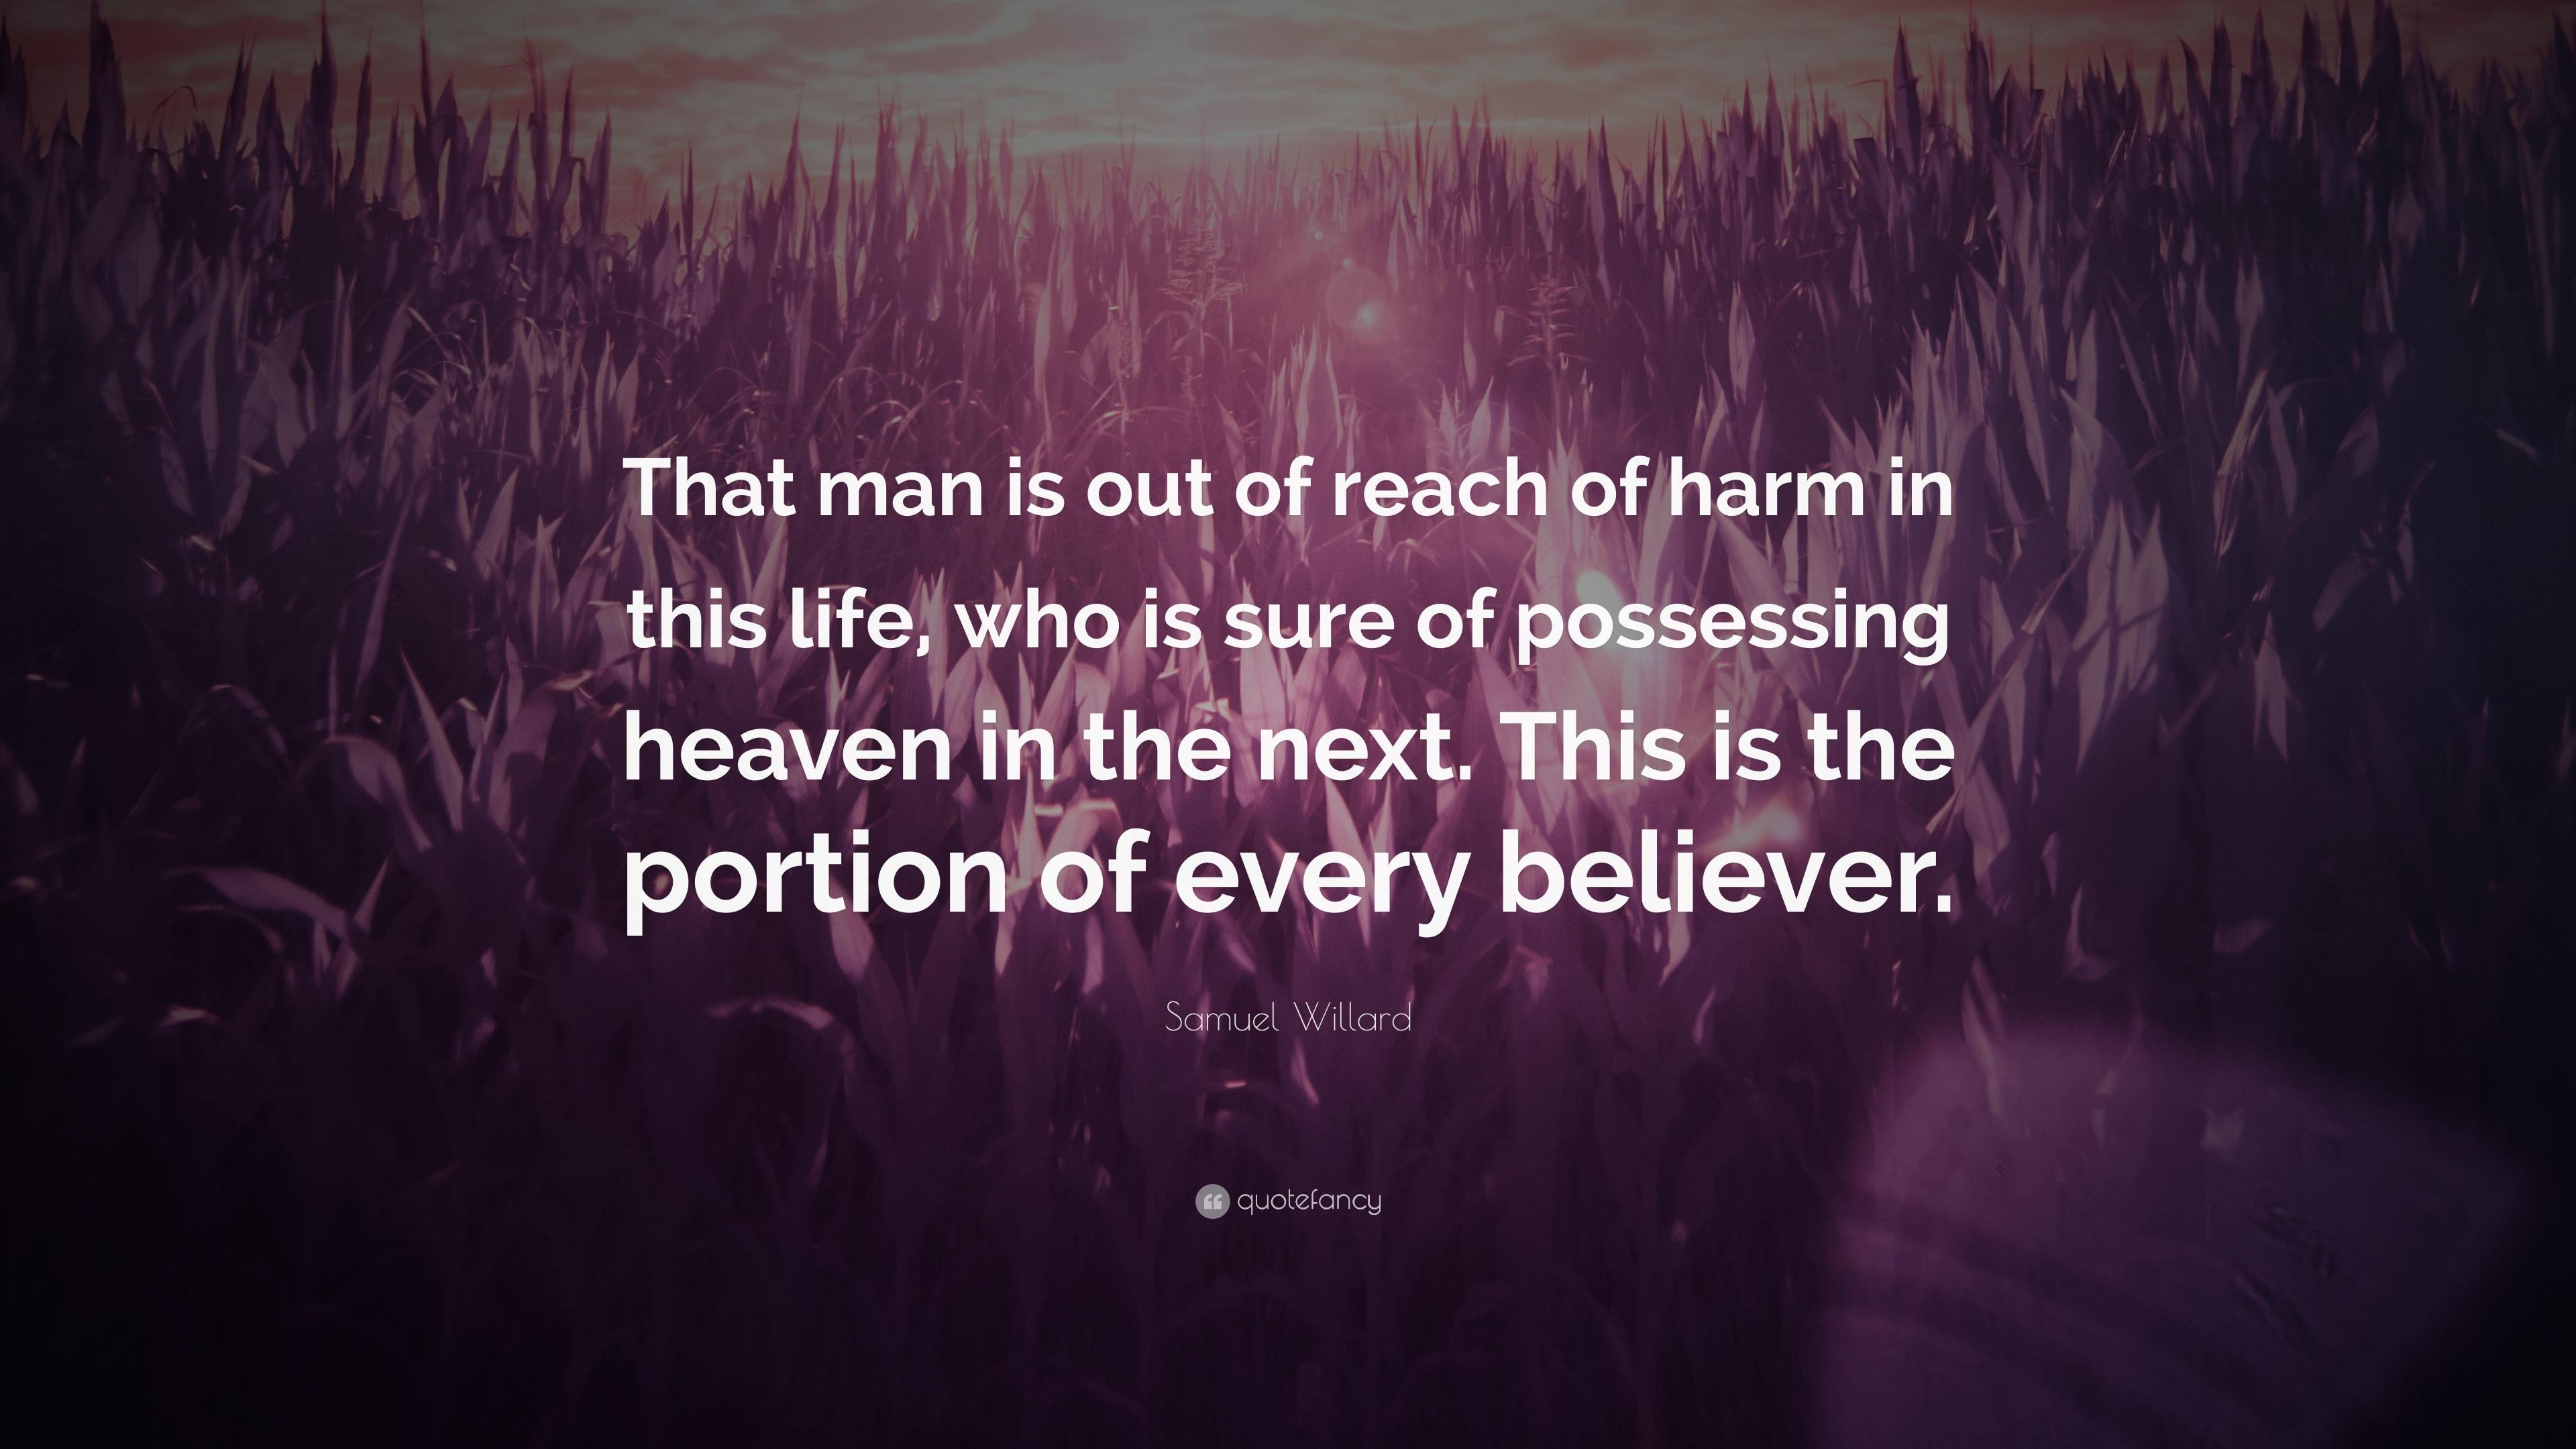 Heaven is that man